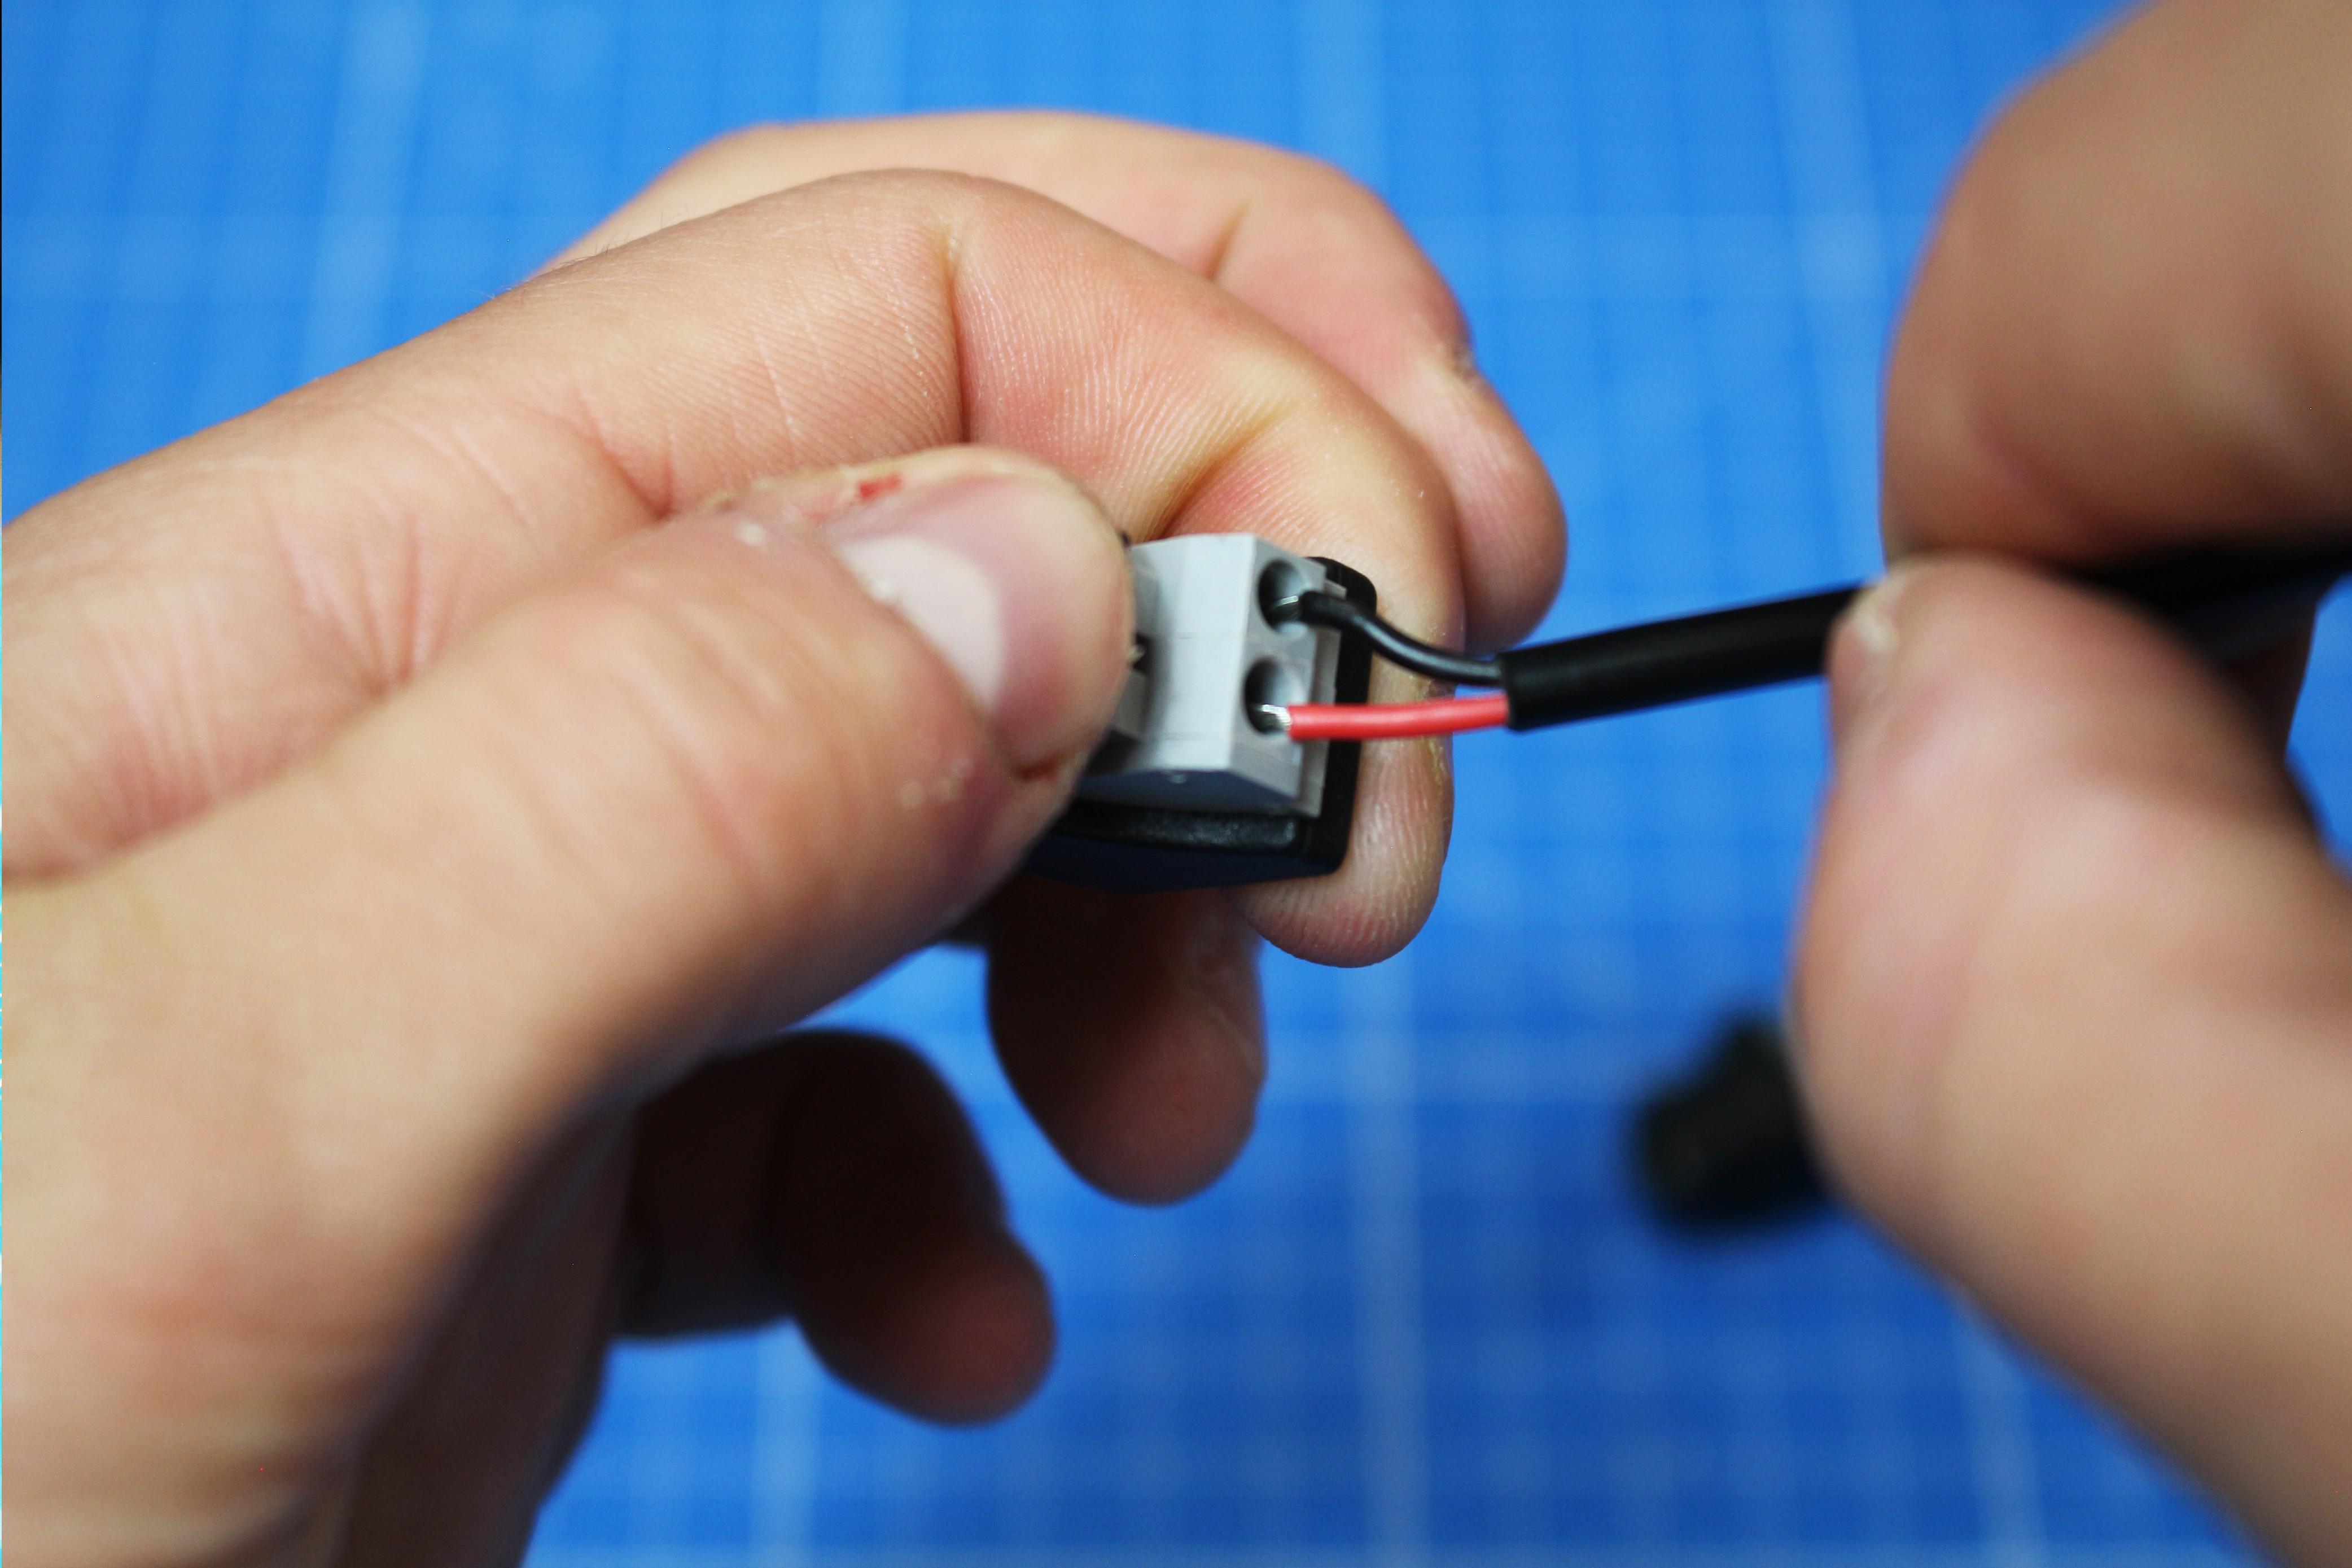 L'utilisation des connecteurs Jack mâle et femelle à clipser